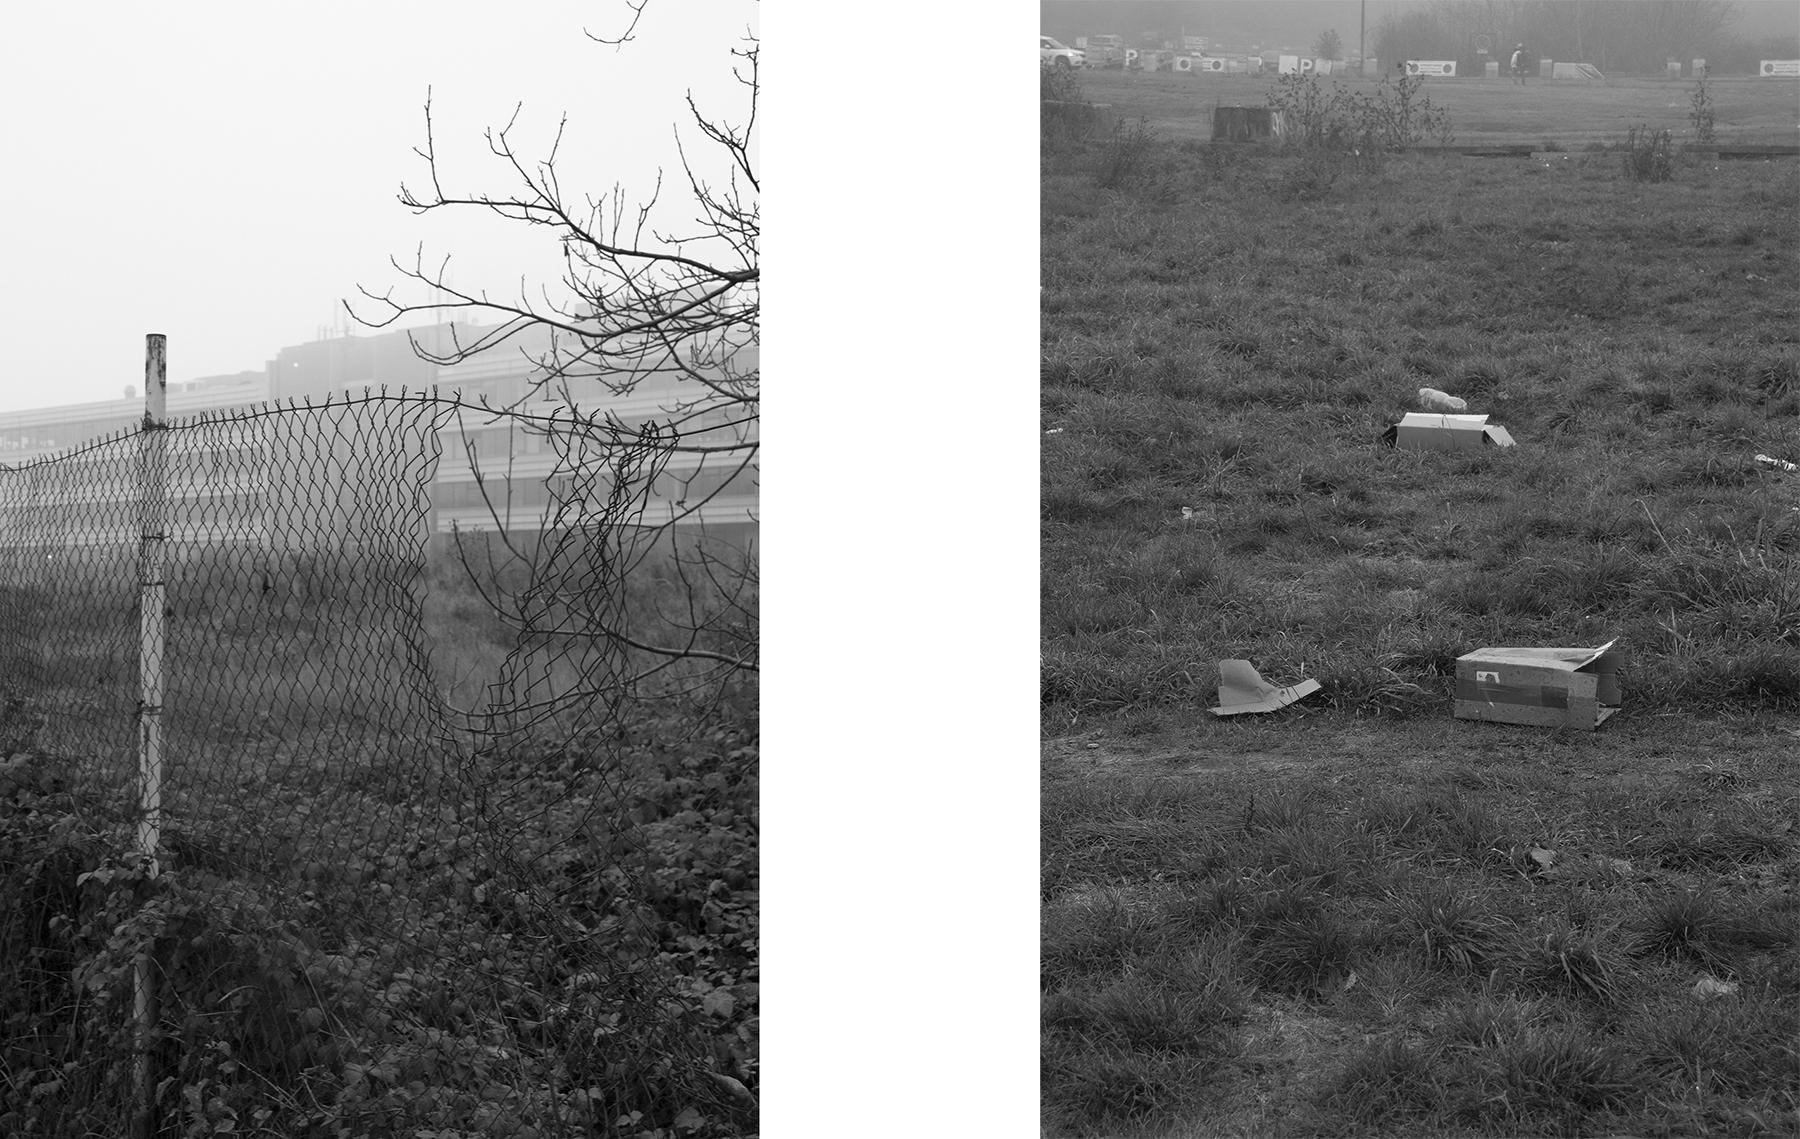 městská krajina<br> fotografické cvičení | 2. ročník <br> 2020/21 V2Bf